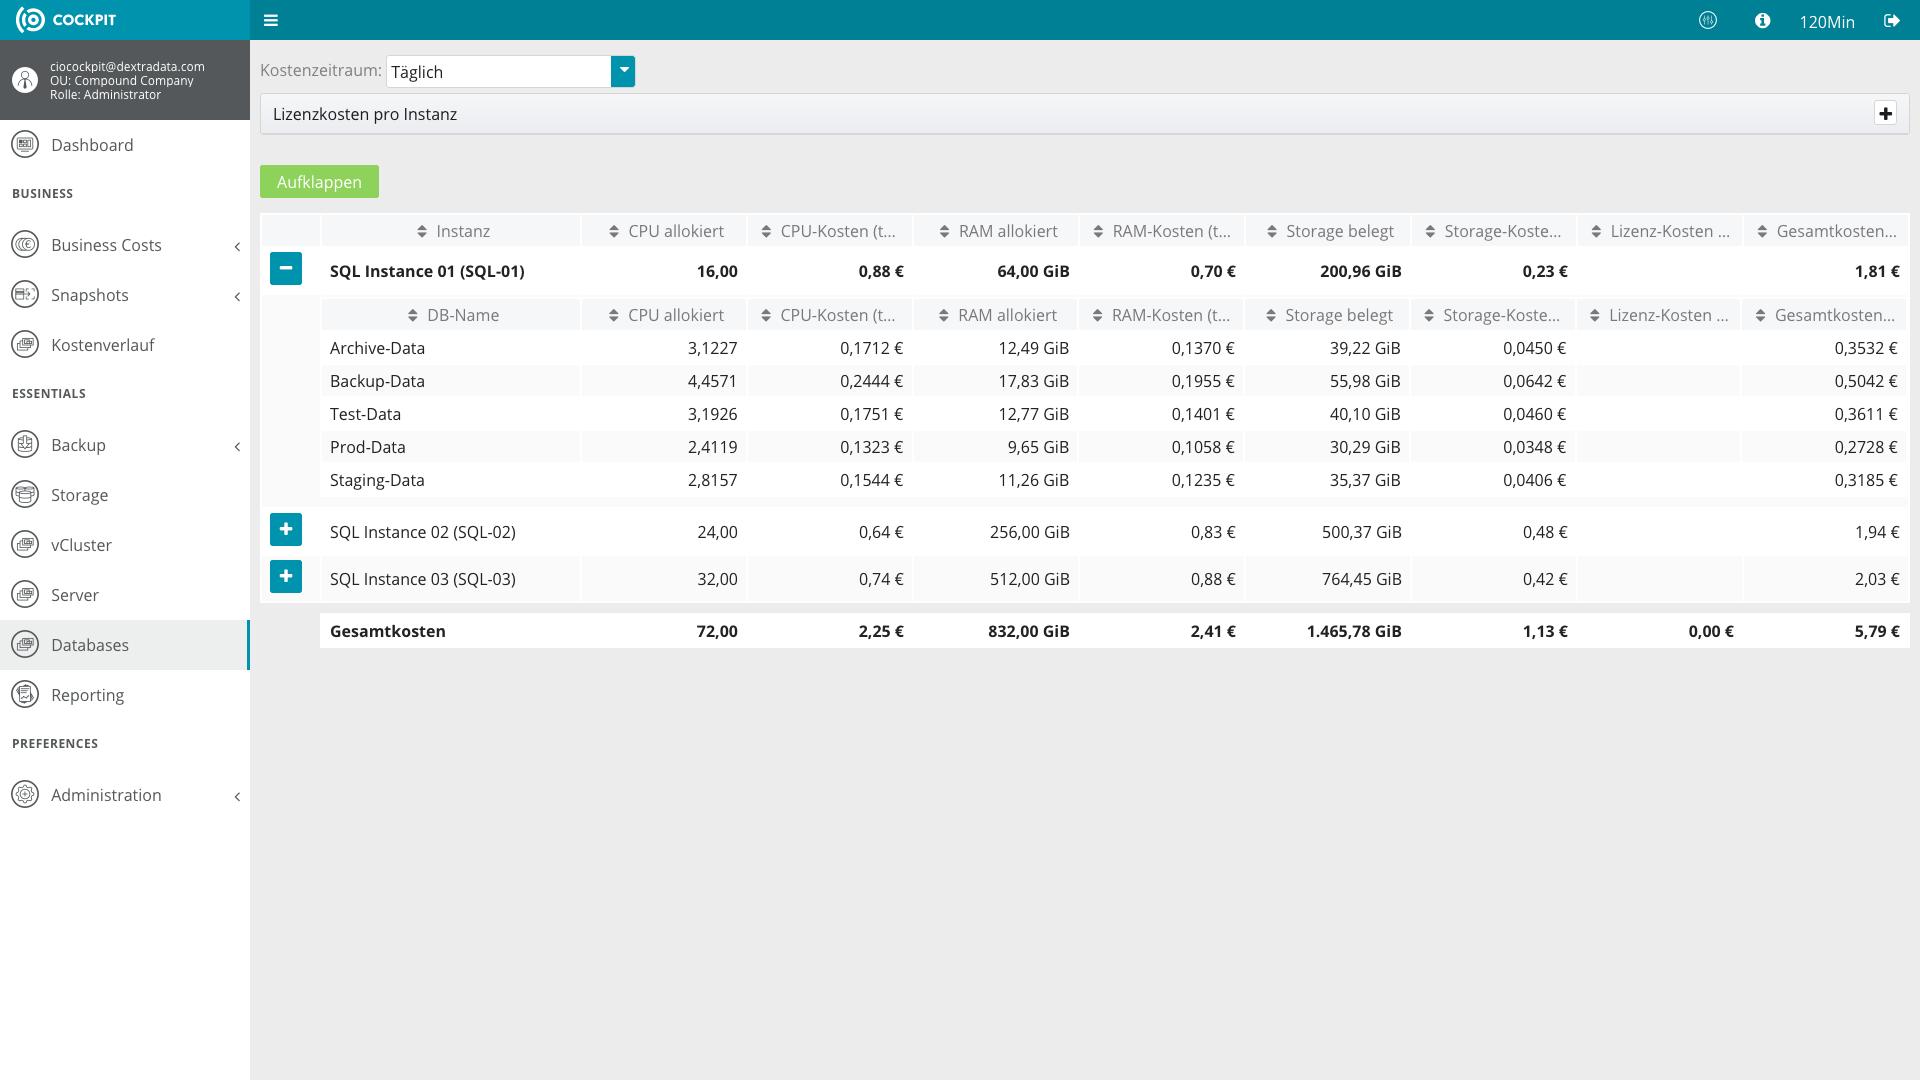 Erfassung von Datenbank-Kosten im CIO Cockpit